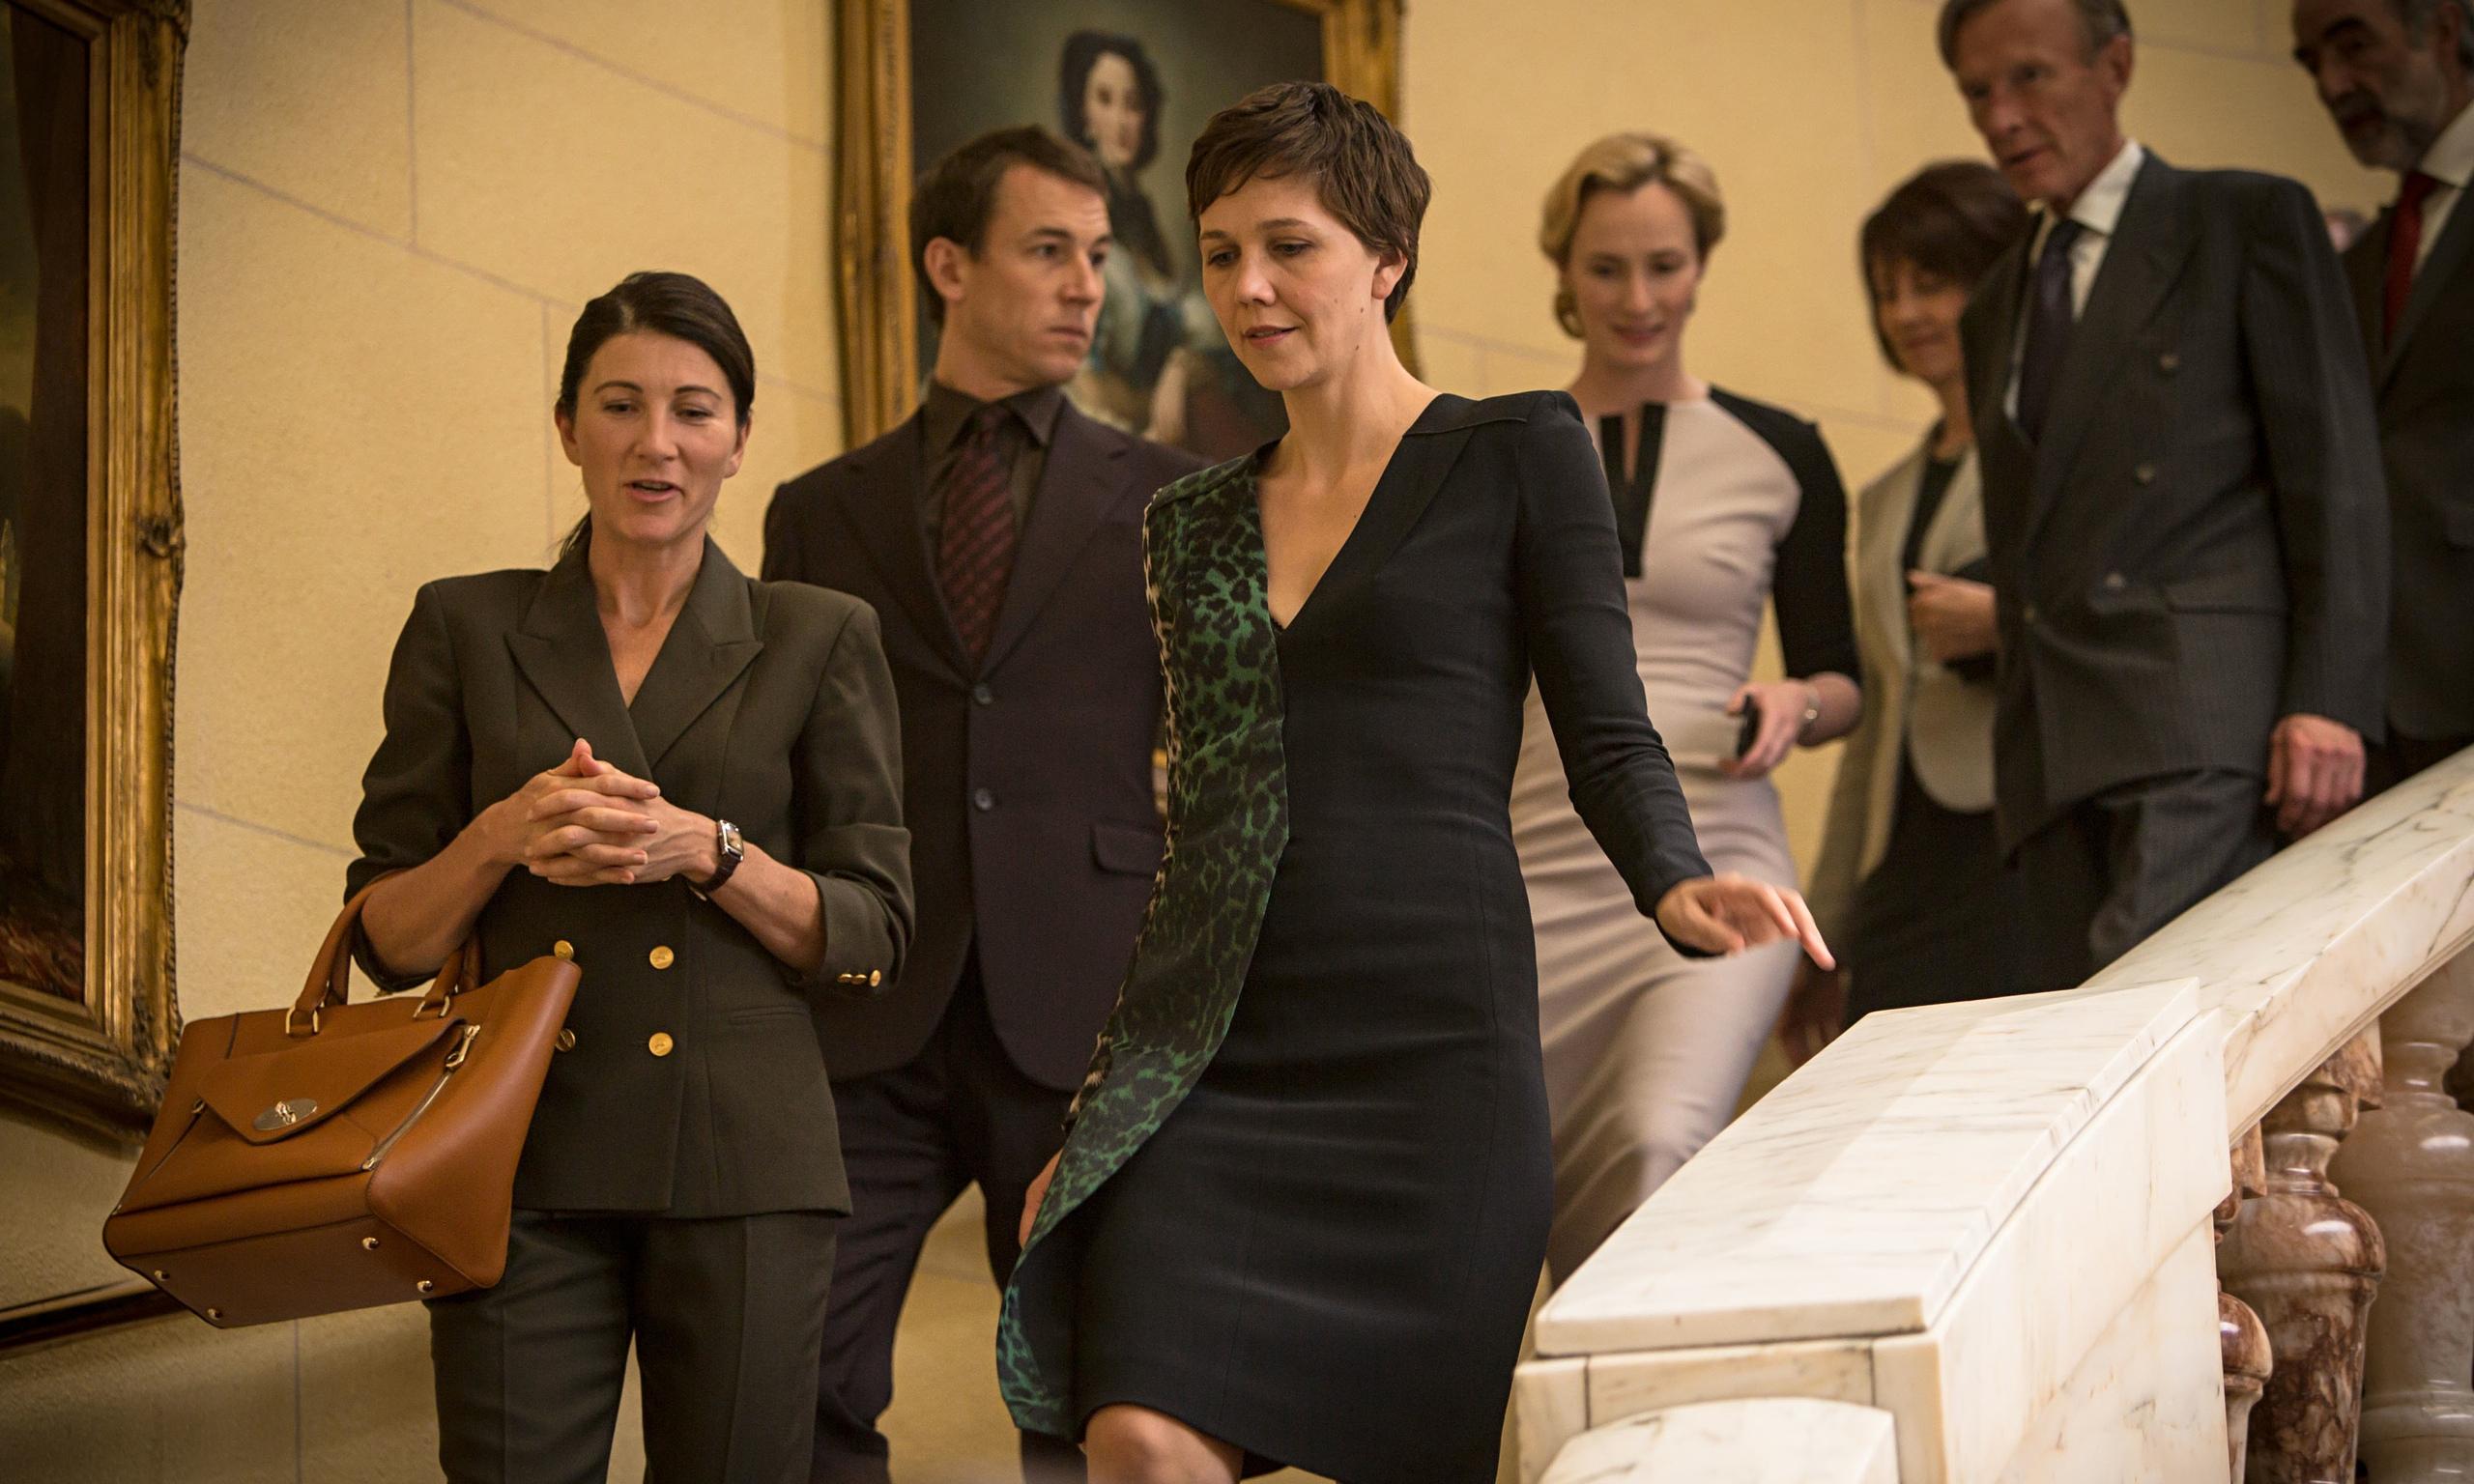 Demostraciones de poder e indumentaria en The Honourable Woman, la serie de la BBC que retoma la teoría del power dressing